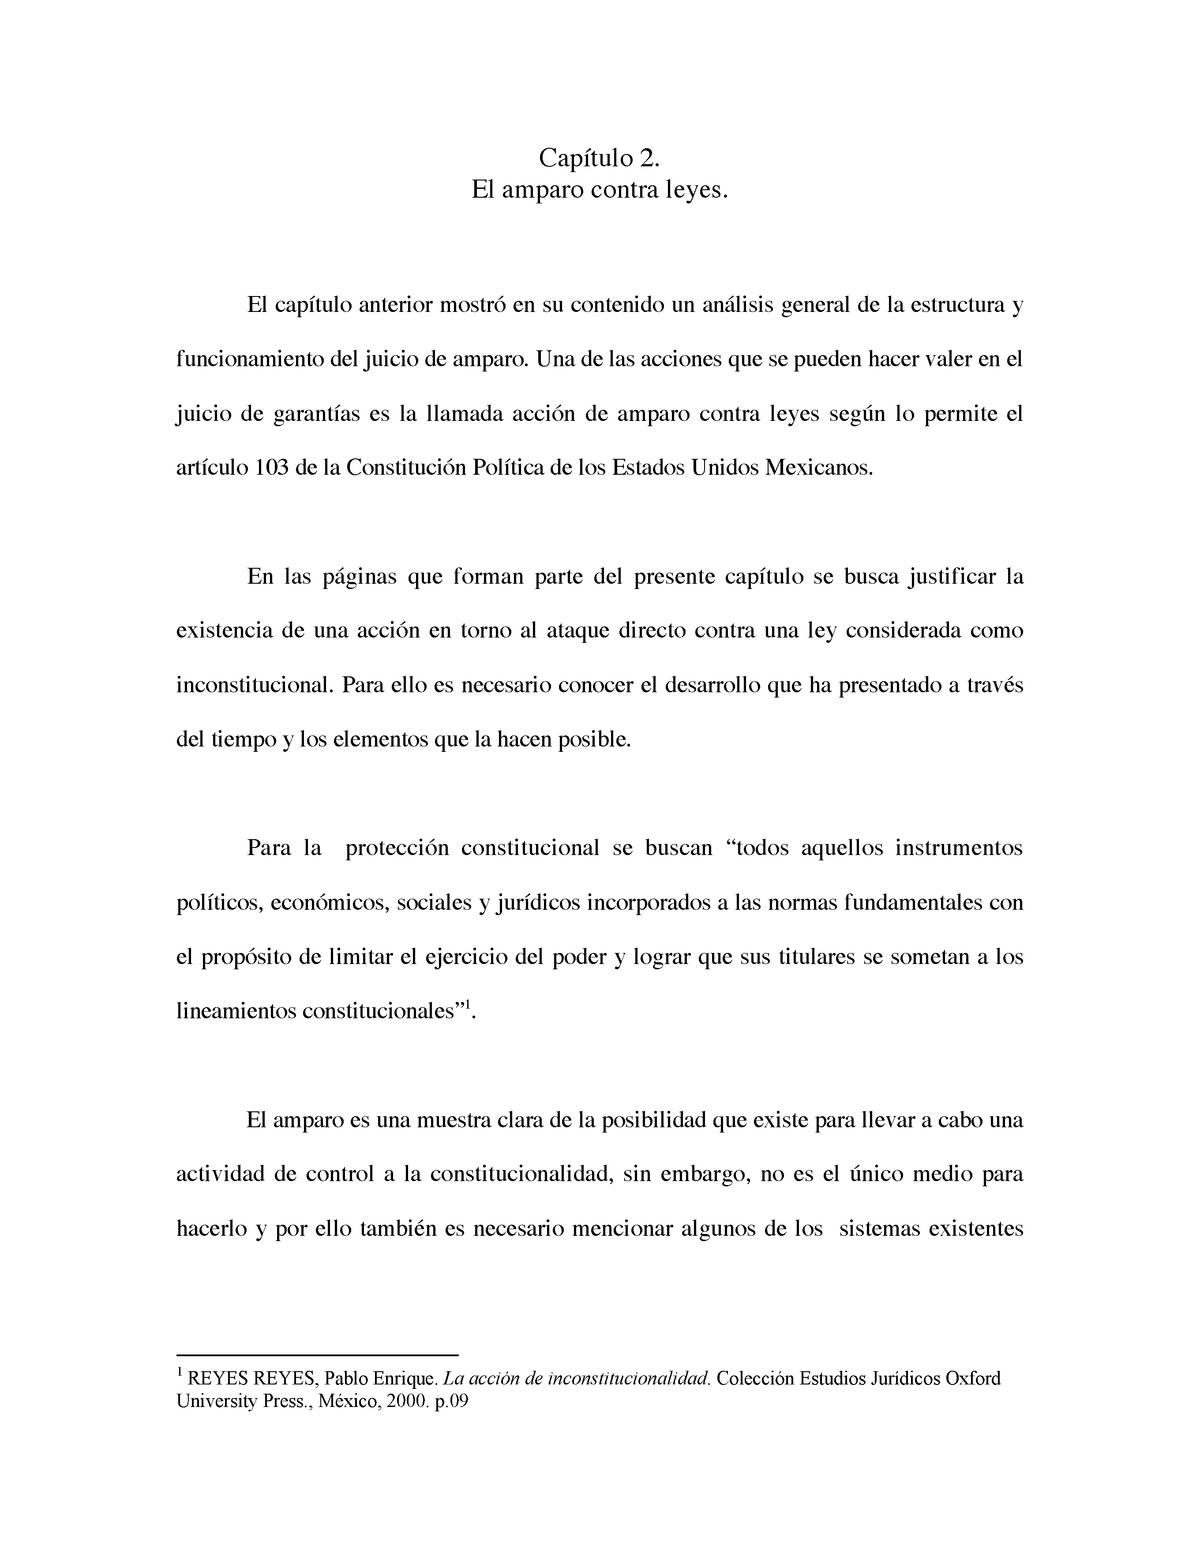 Capitulo 2 Amparo Contra Leyes Derecho Económico Der1414